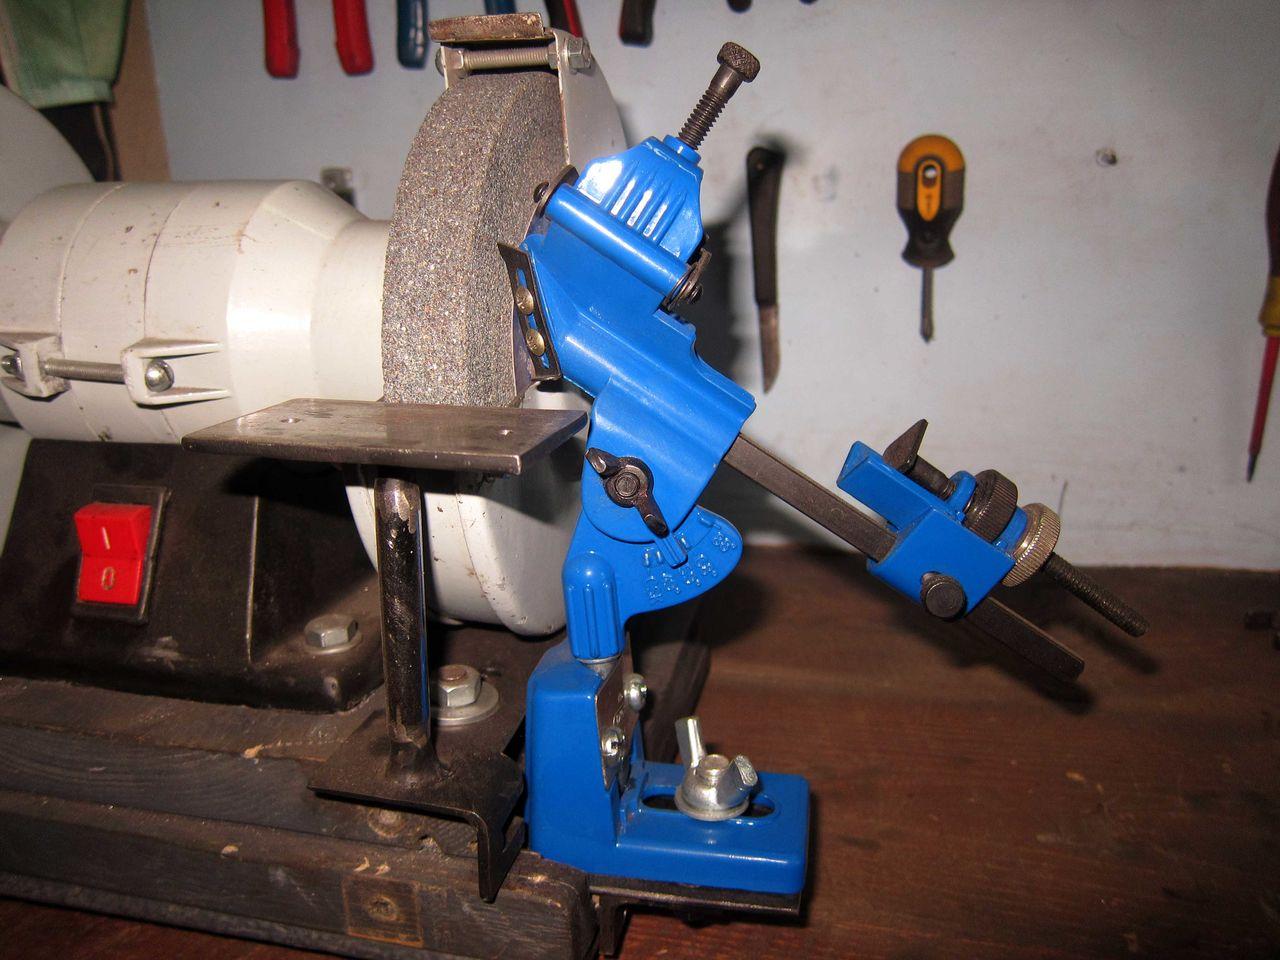 Как выполнить заточку свёрл: заточной станок для свёрл своими руками